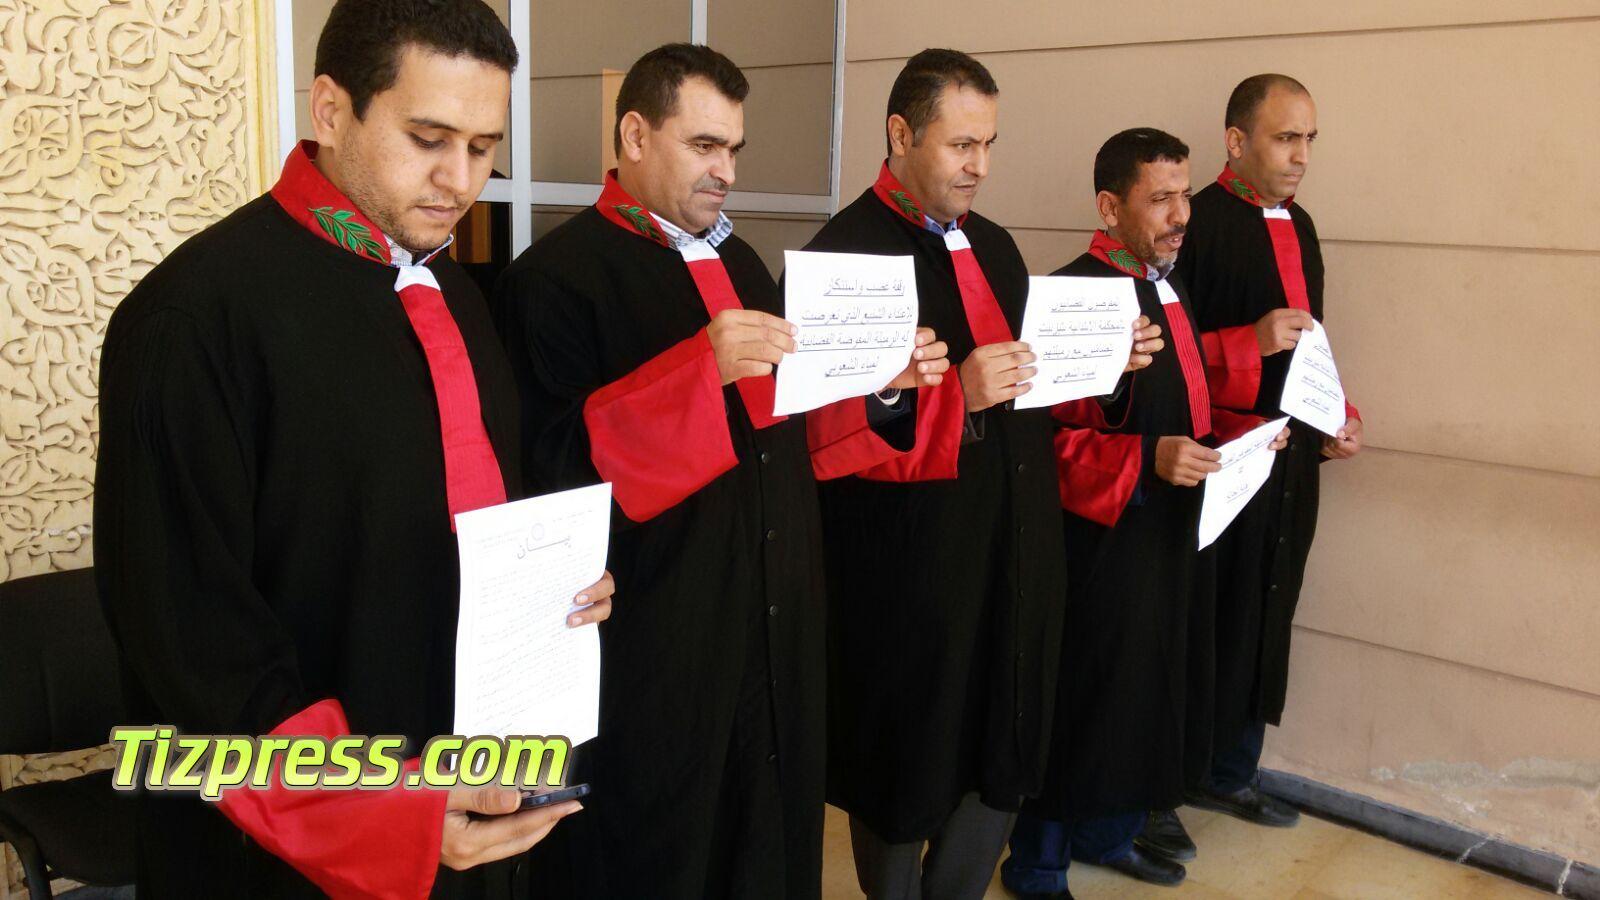 تيزنيت : مفوضون قضائيون يحتجون تضامنا مع زميلتهم المعنفة بفاس